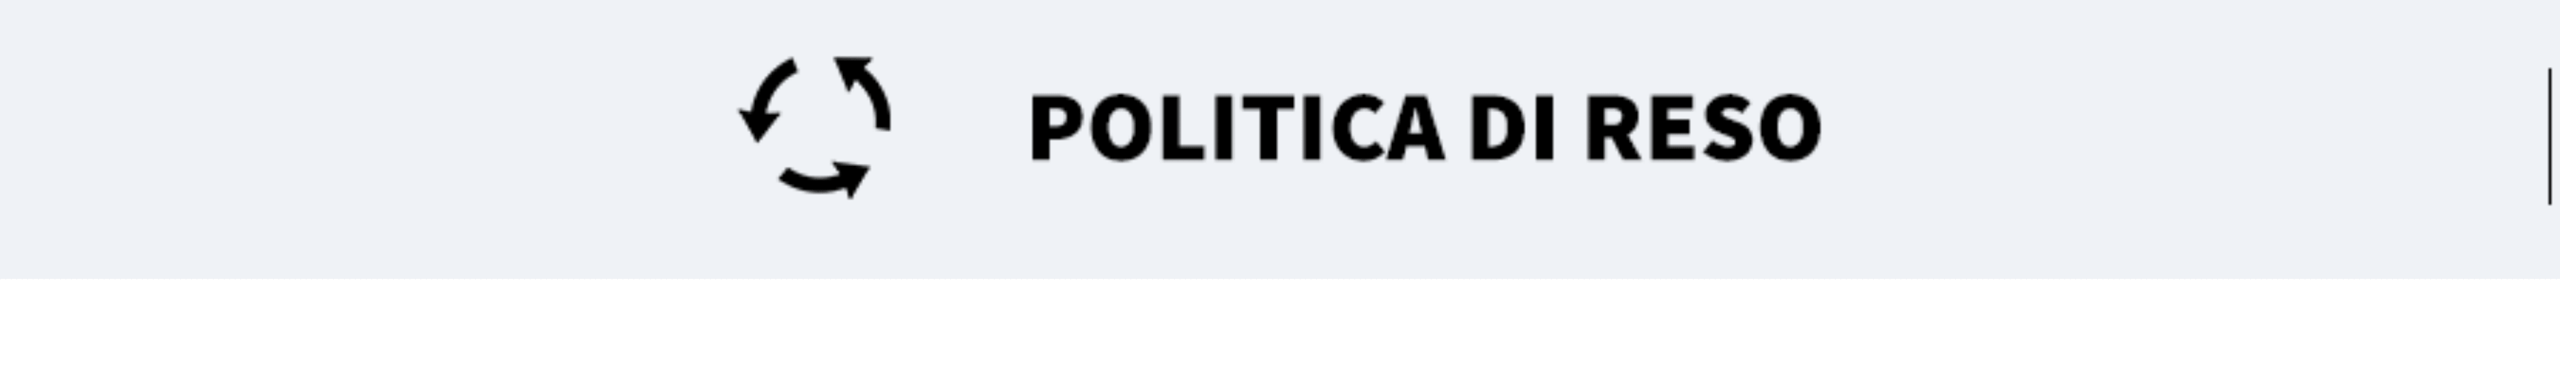 westrose-politiche-di-reso-min